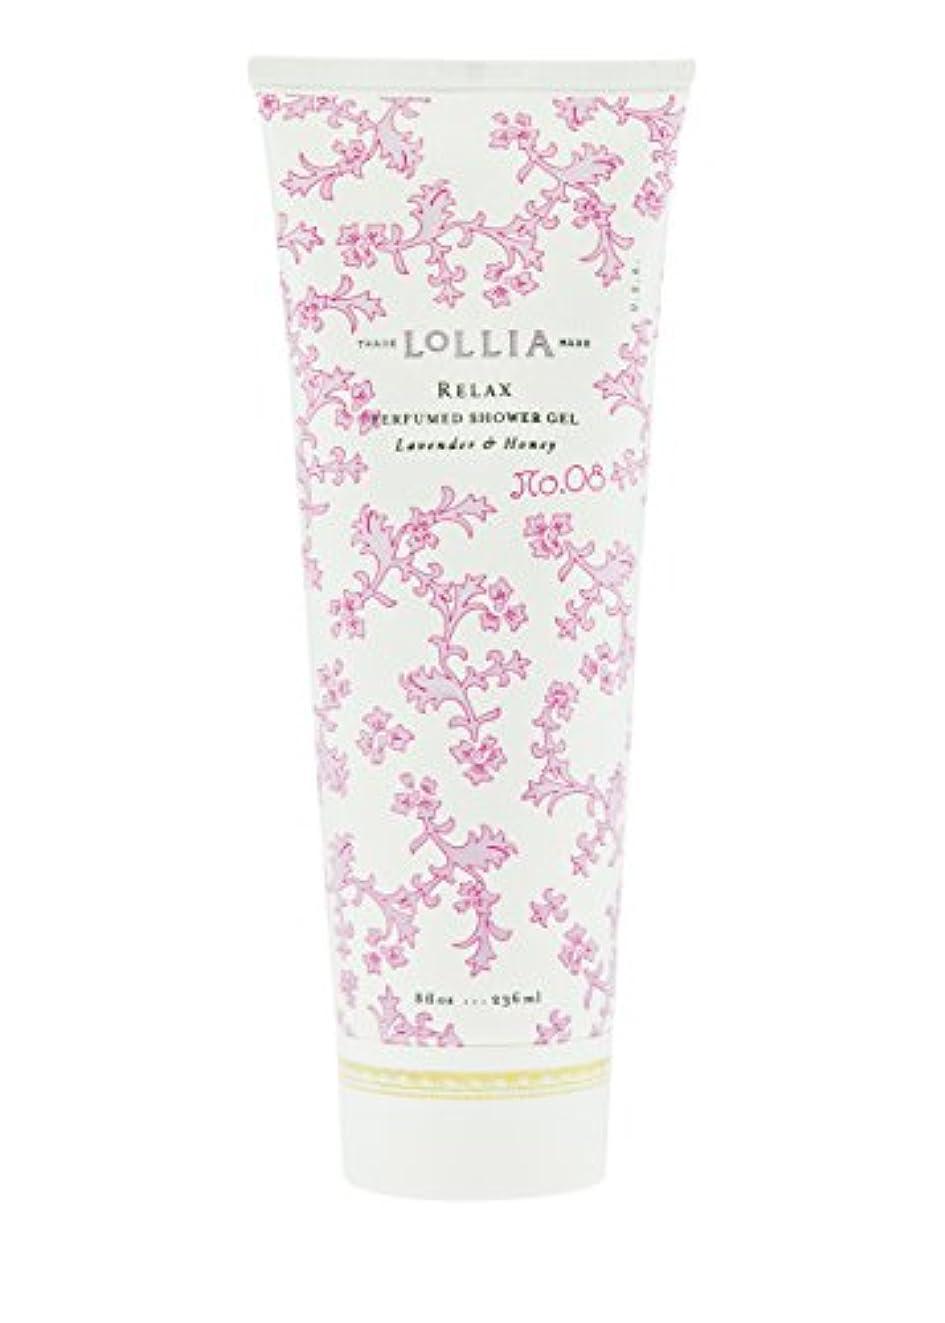 富豪強制持続的ロリア(LoLLIA) パフュームドシャワージェル Relax 236ml(全身用洗浄料 ボディーソープ ホワイトオーキッド、タヒチアンバニラ、ハチミツ、アンバーの香り)